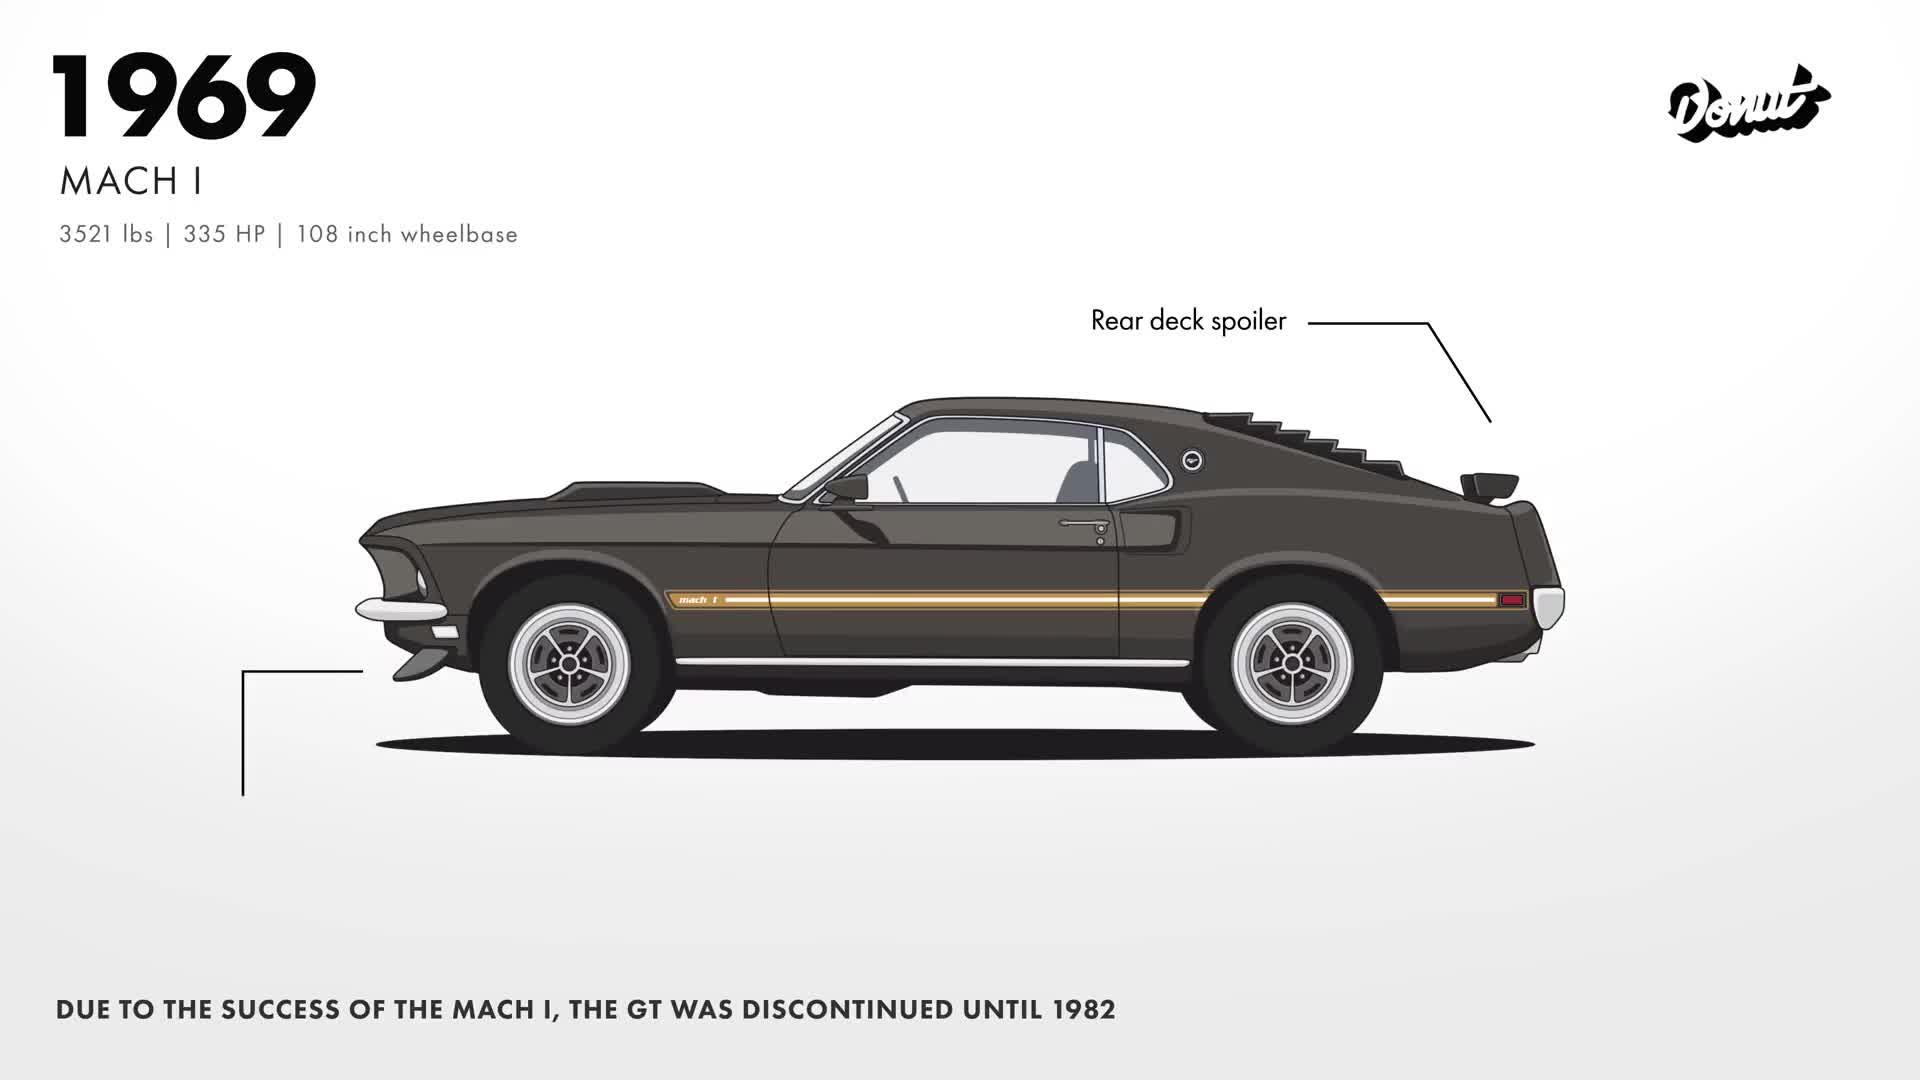 Hành trình thay đổi của Ford Mustang từ giữa năm 1964 đến nay